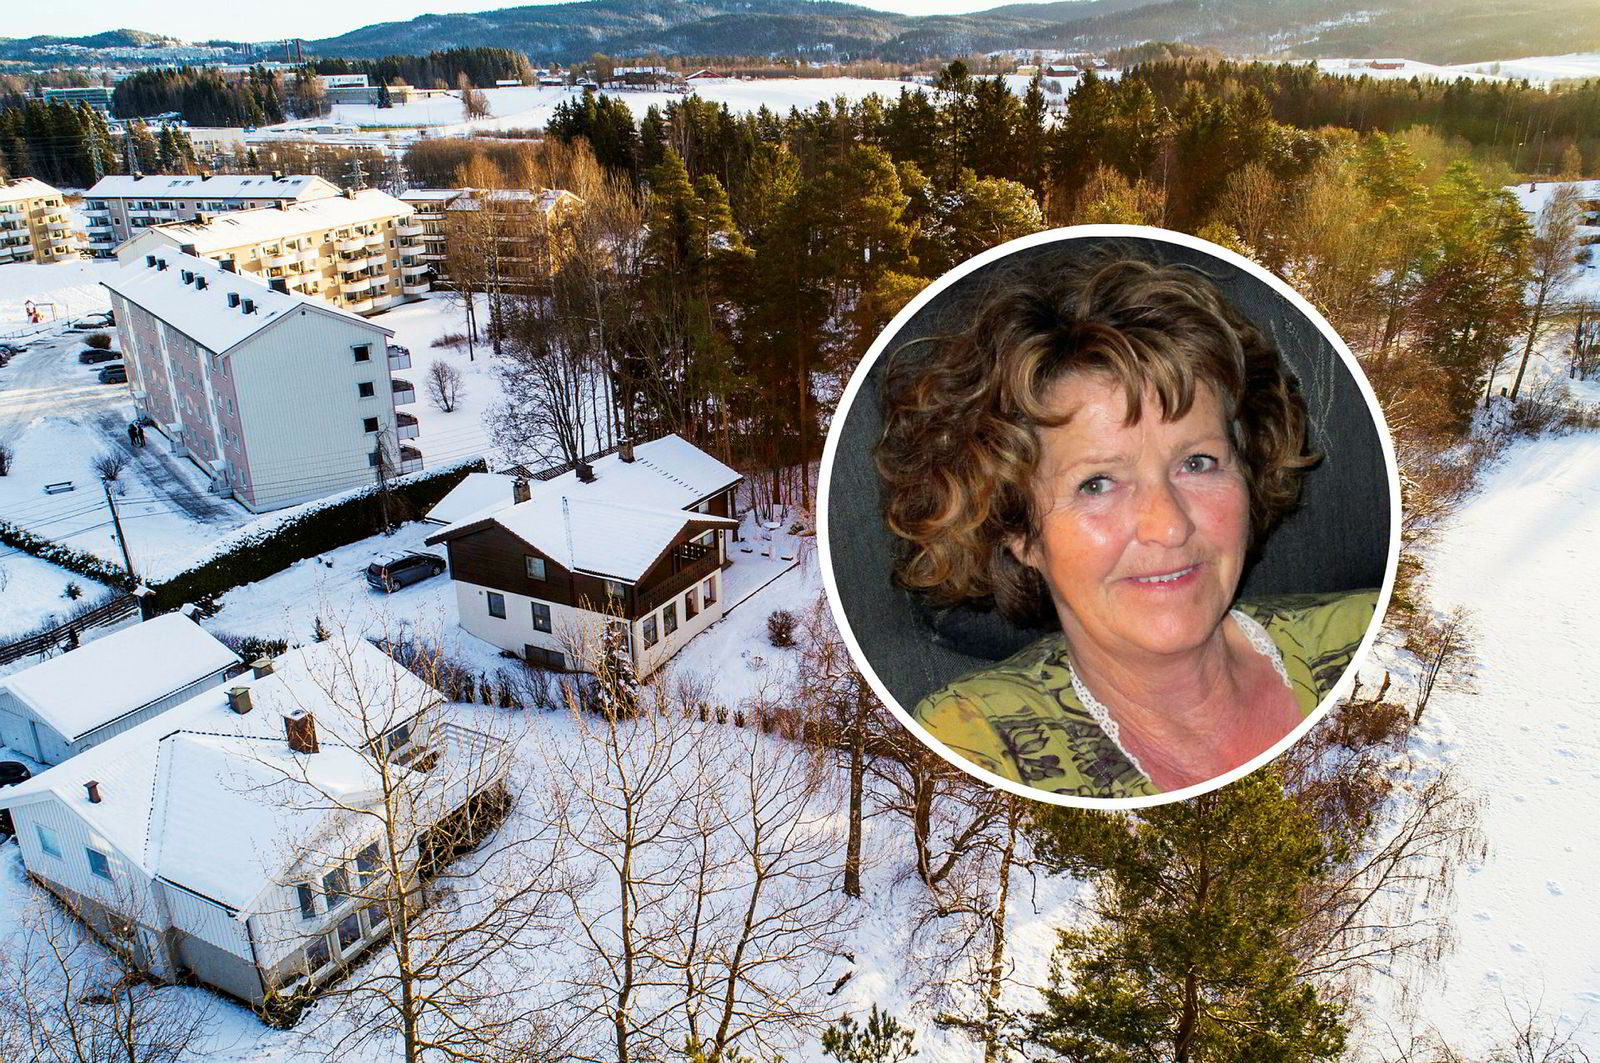 Anne-Elisabeth Falkevik Hagen har vært savnet siden 31. oktober i fjor. Hun bodde i dette svarte og hvite huset på Fjellhamar i Lørenskog sammen med sin mann, milliardæren Tom Hagen som er en av Norges rikeste menn.